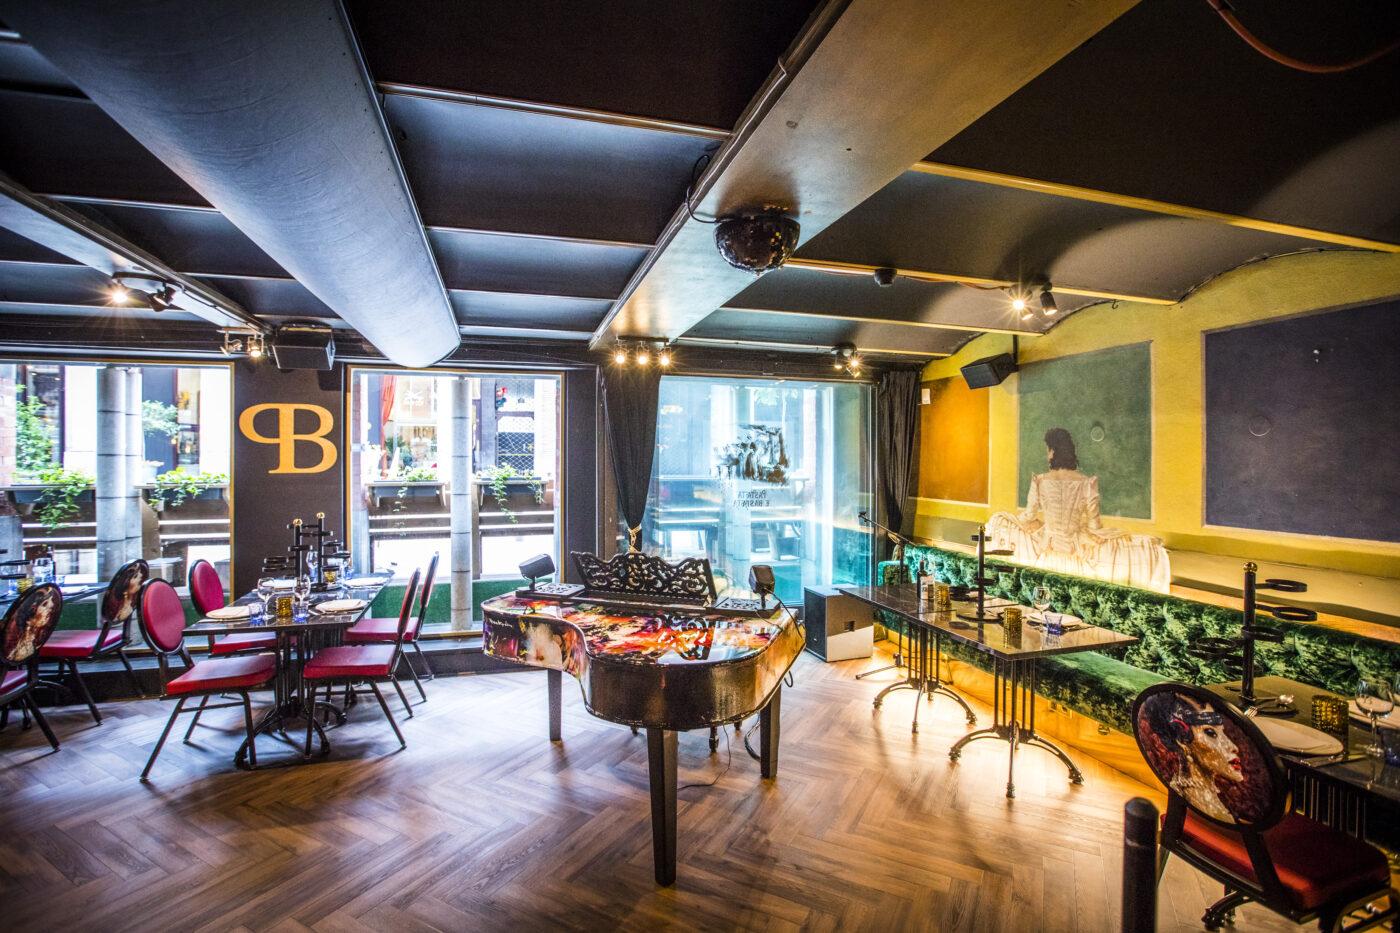 Restaurant met piano en donkere visgraat vloer in Amsterdam